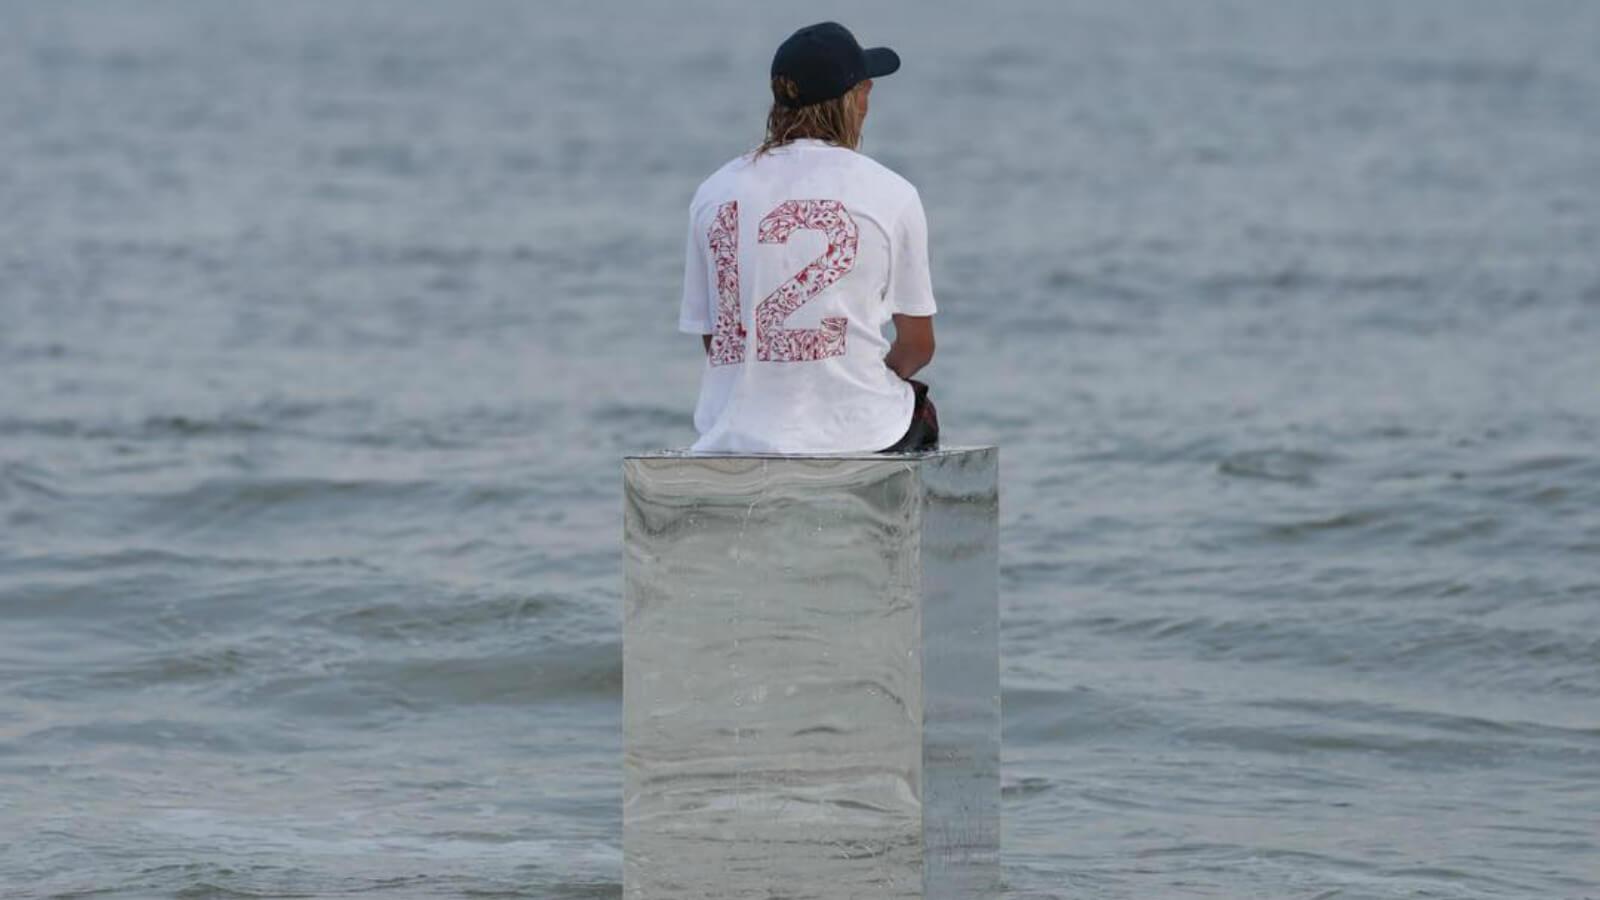 Increíble instalación hace que artista camine sobre el mar